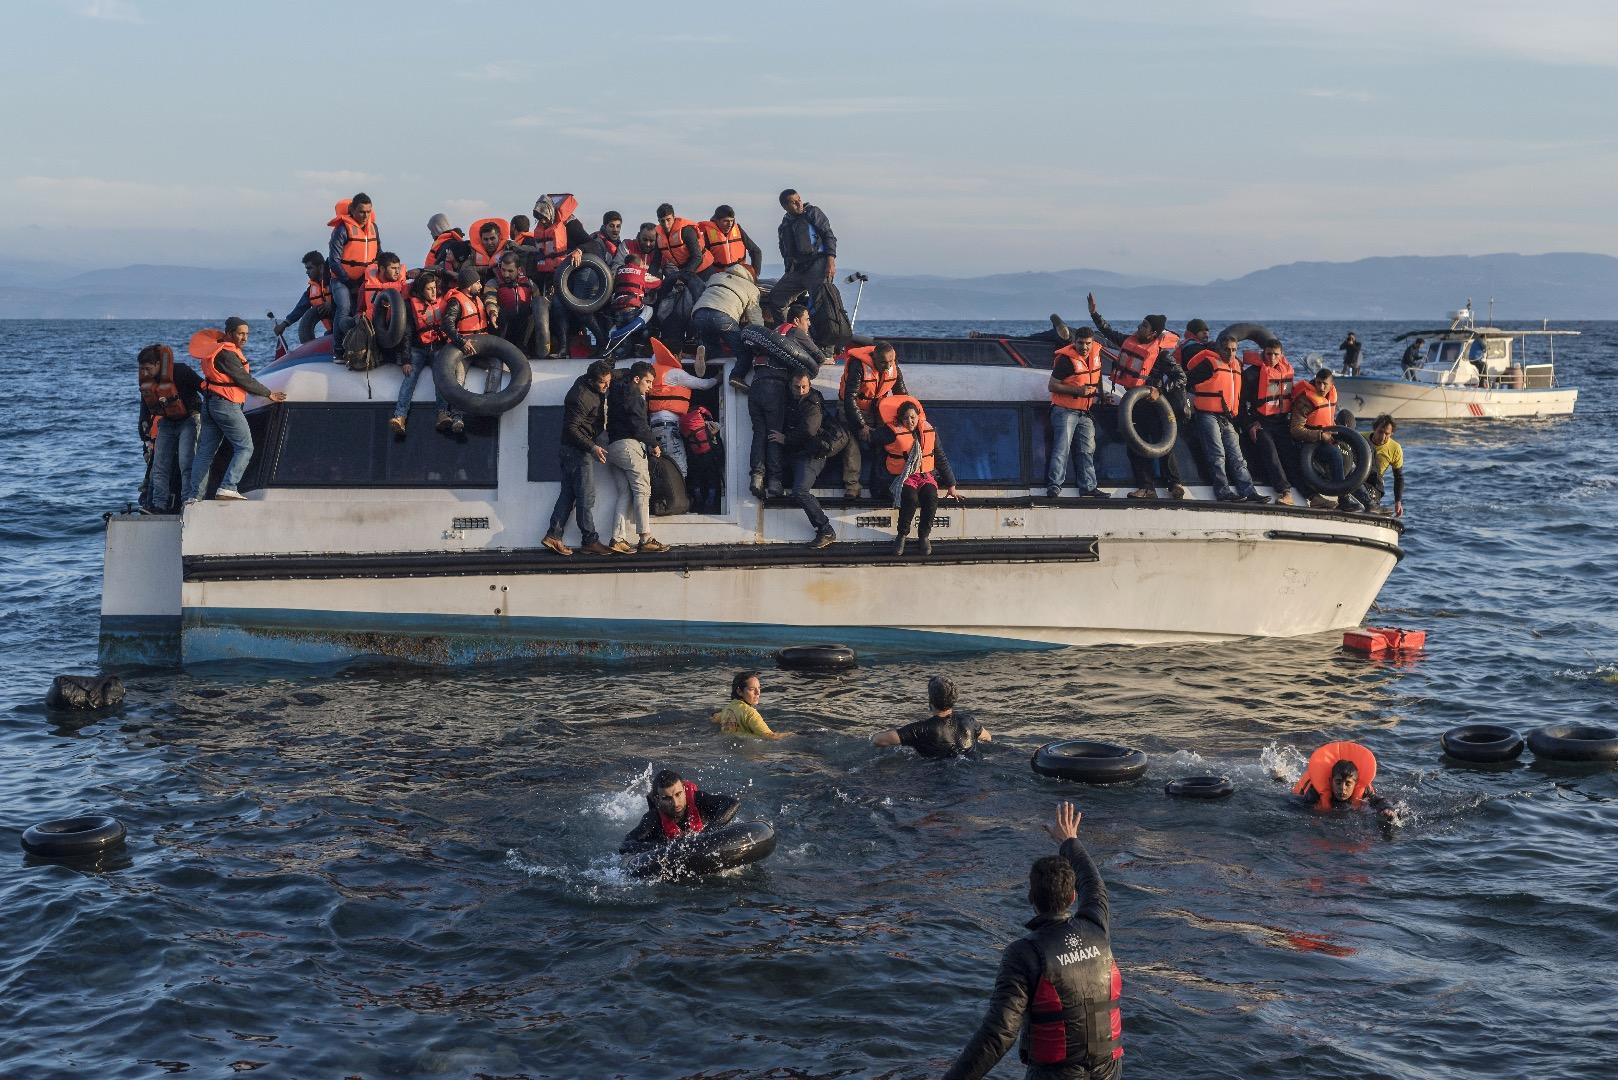 Чехия отказалась выполнять квоты европейского союза побеженцам